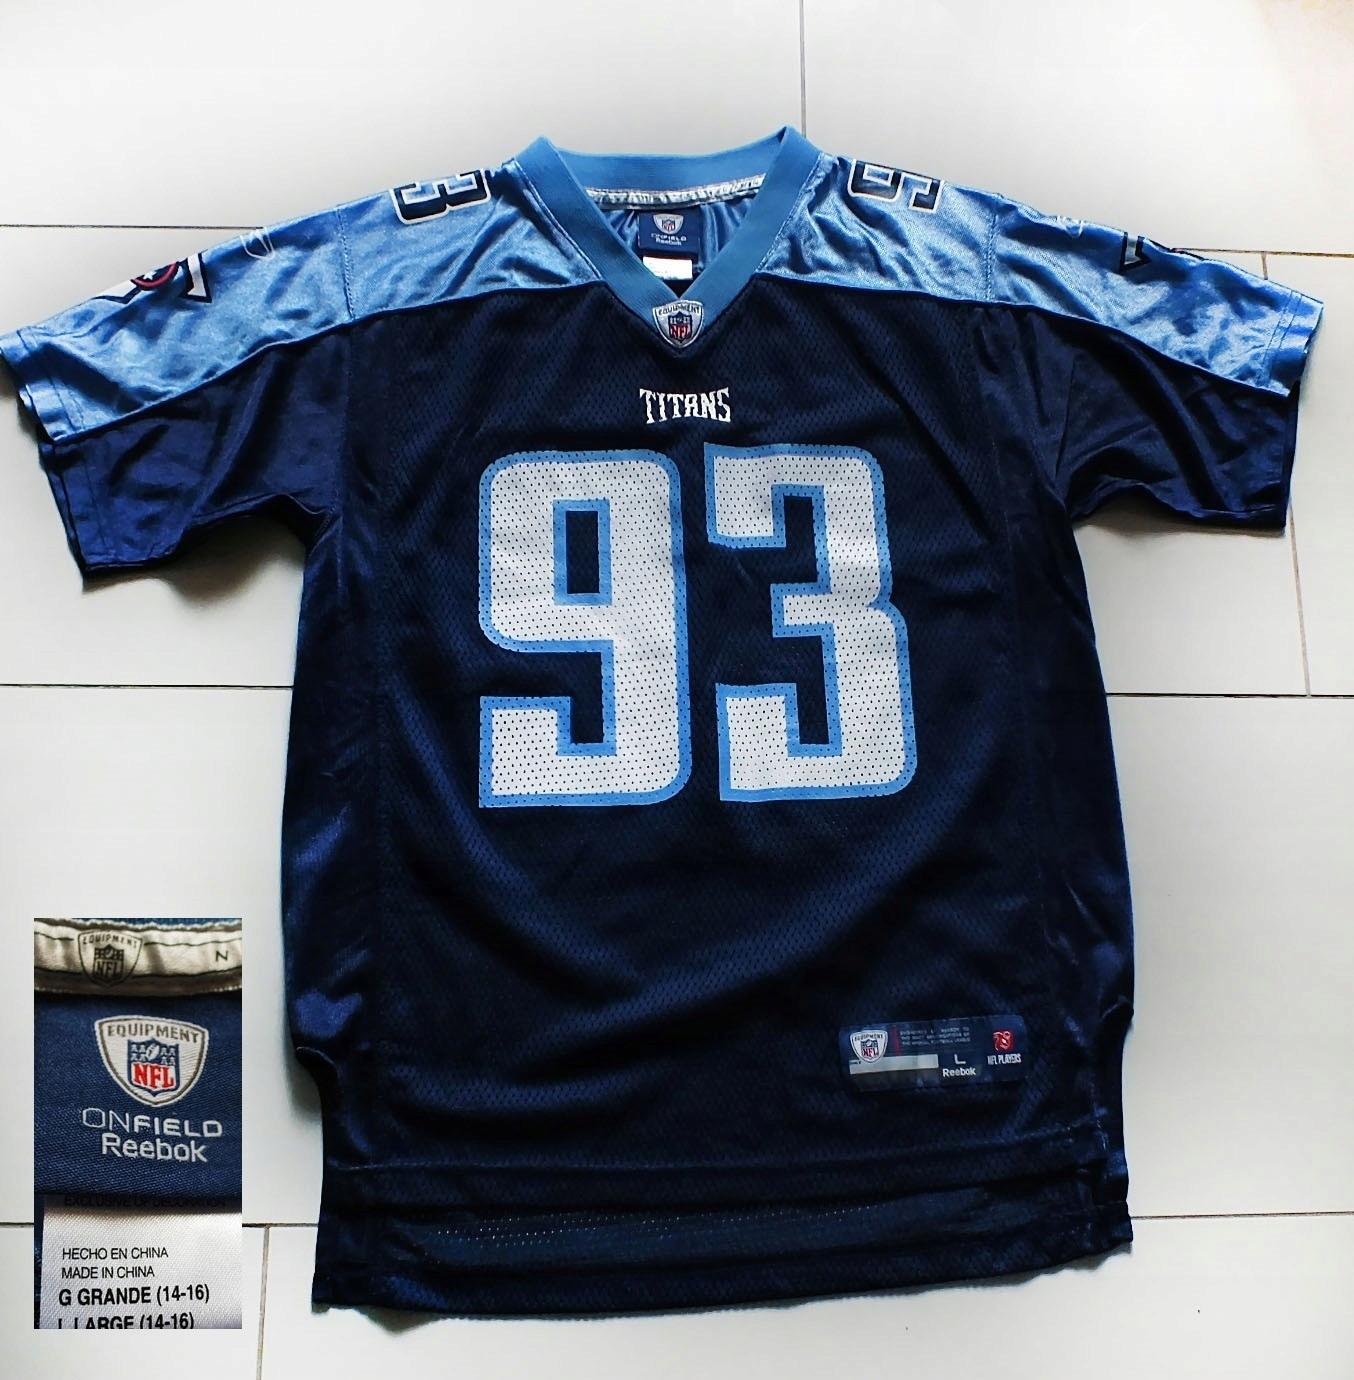 buty jesienne słodkie tanie kod promocyjny NFL REEBOK świetna sportowa koszulka r.14/16L